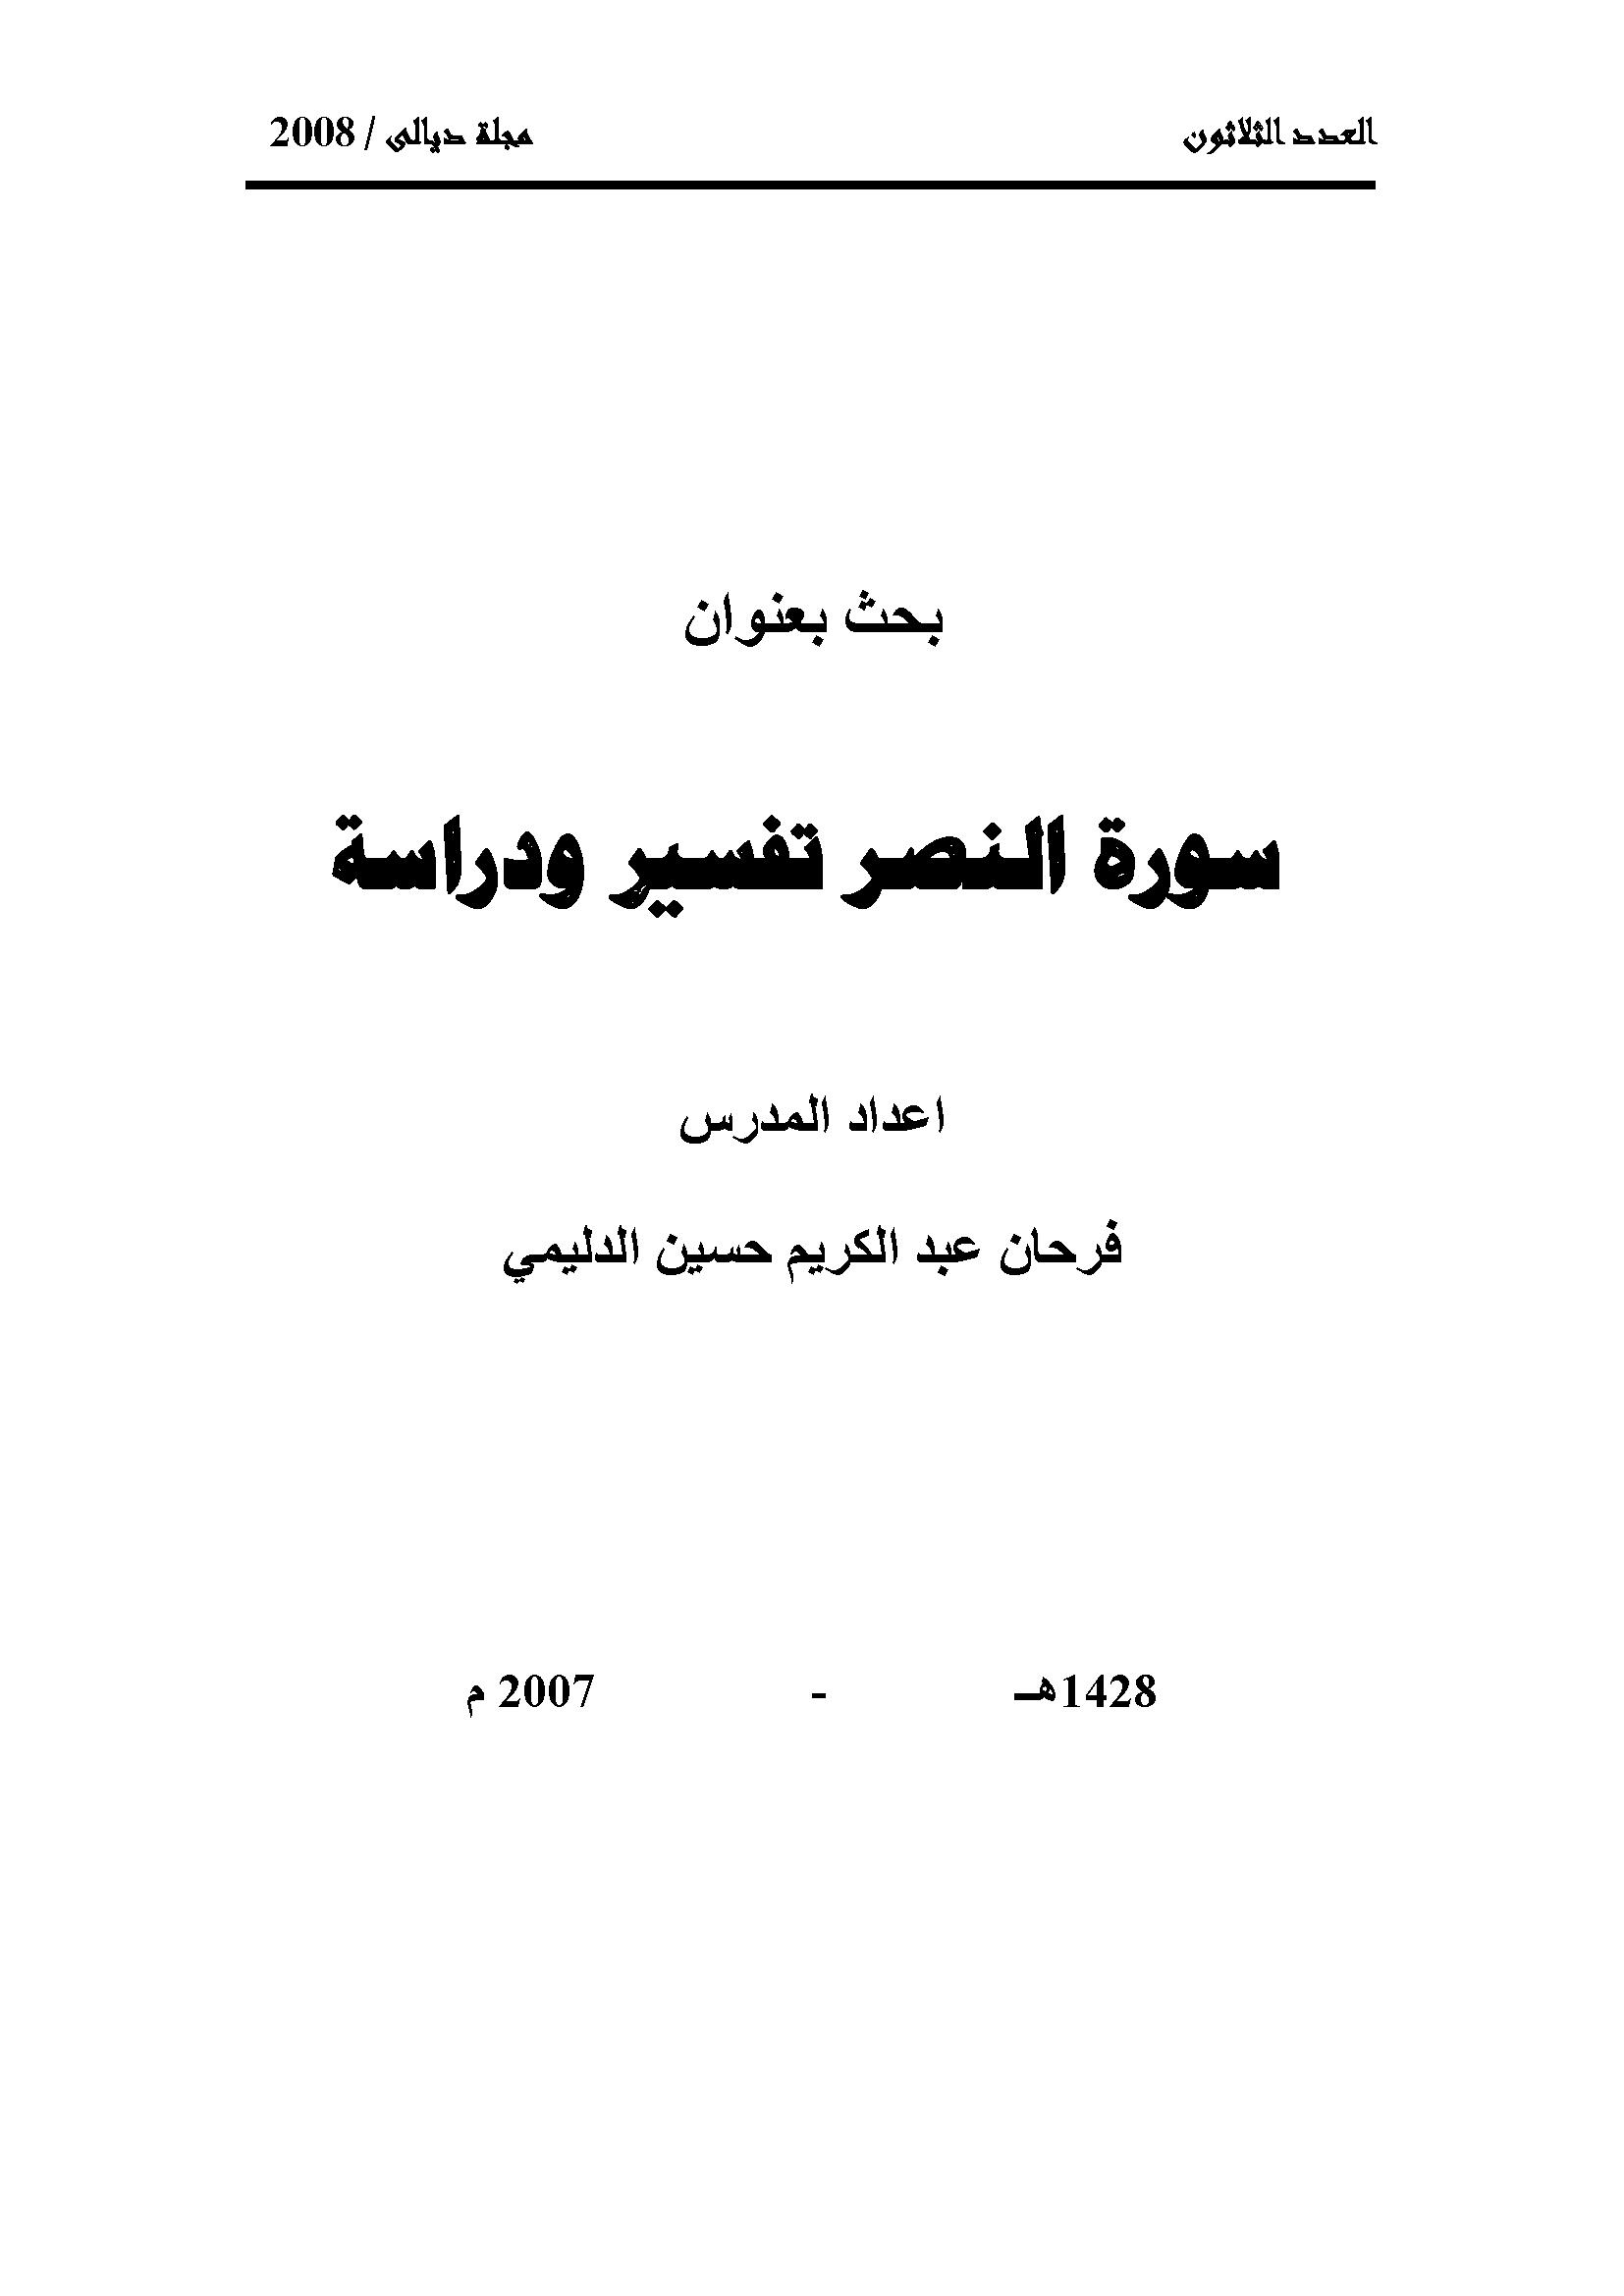 تحميل كتاب سورة النصر تفسير ودراسة لـِ: الأستاذ فرحان عبد الكريم حسين الدليمي